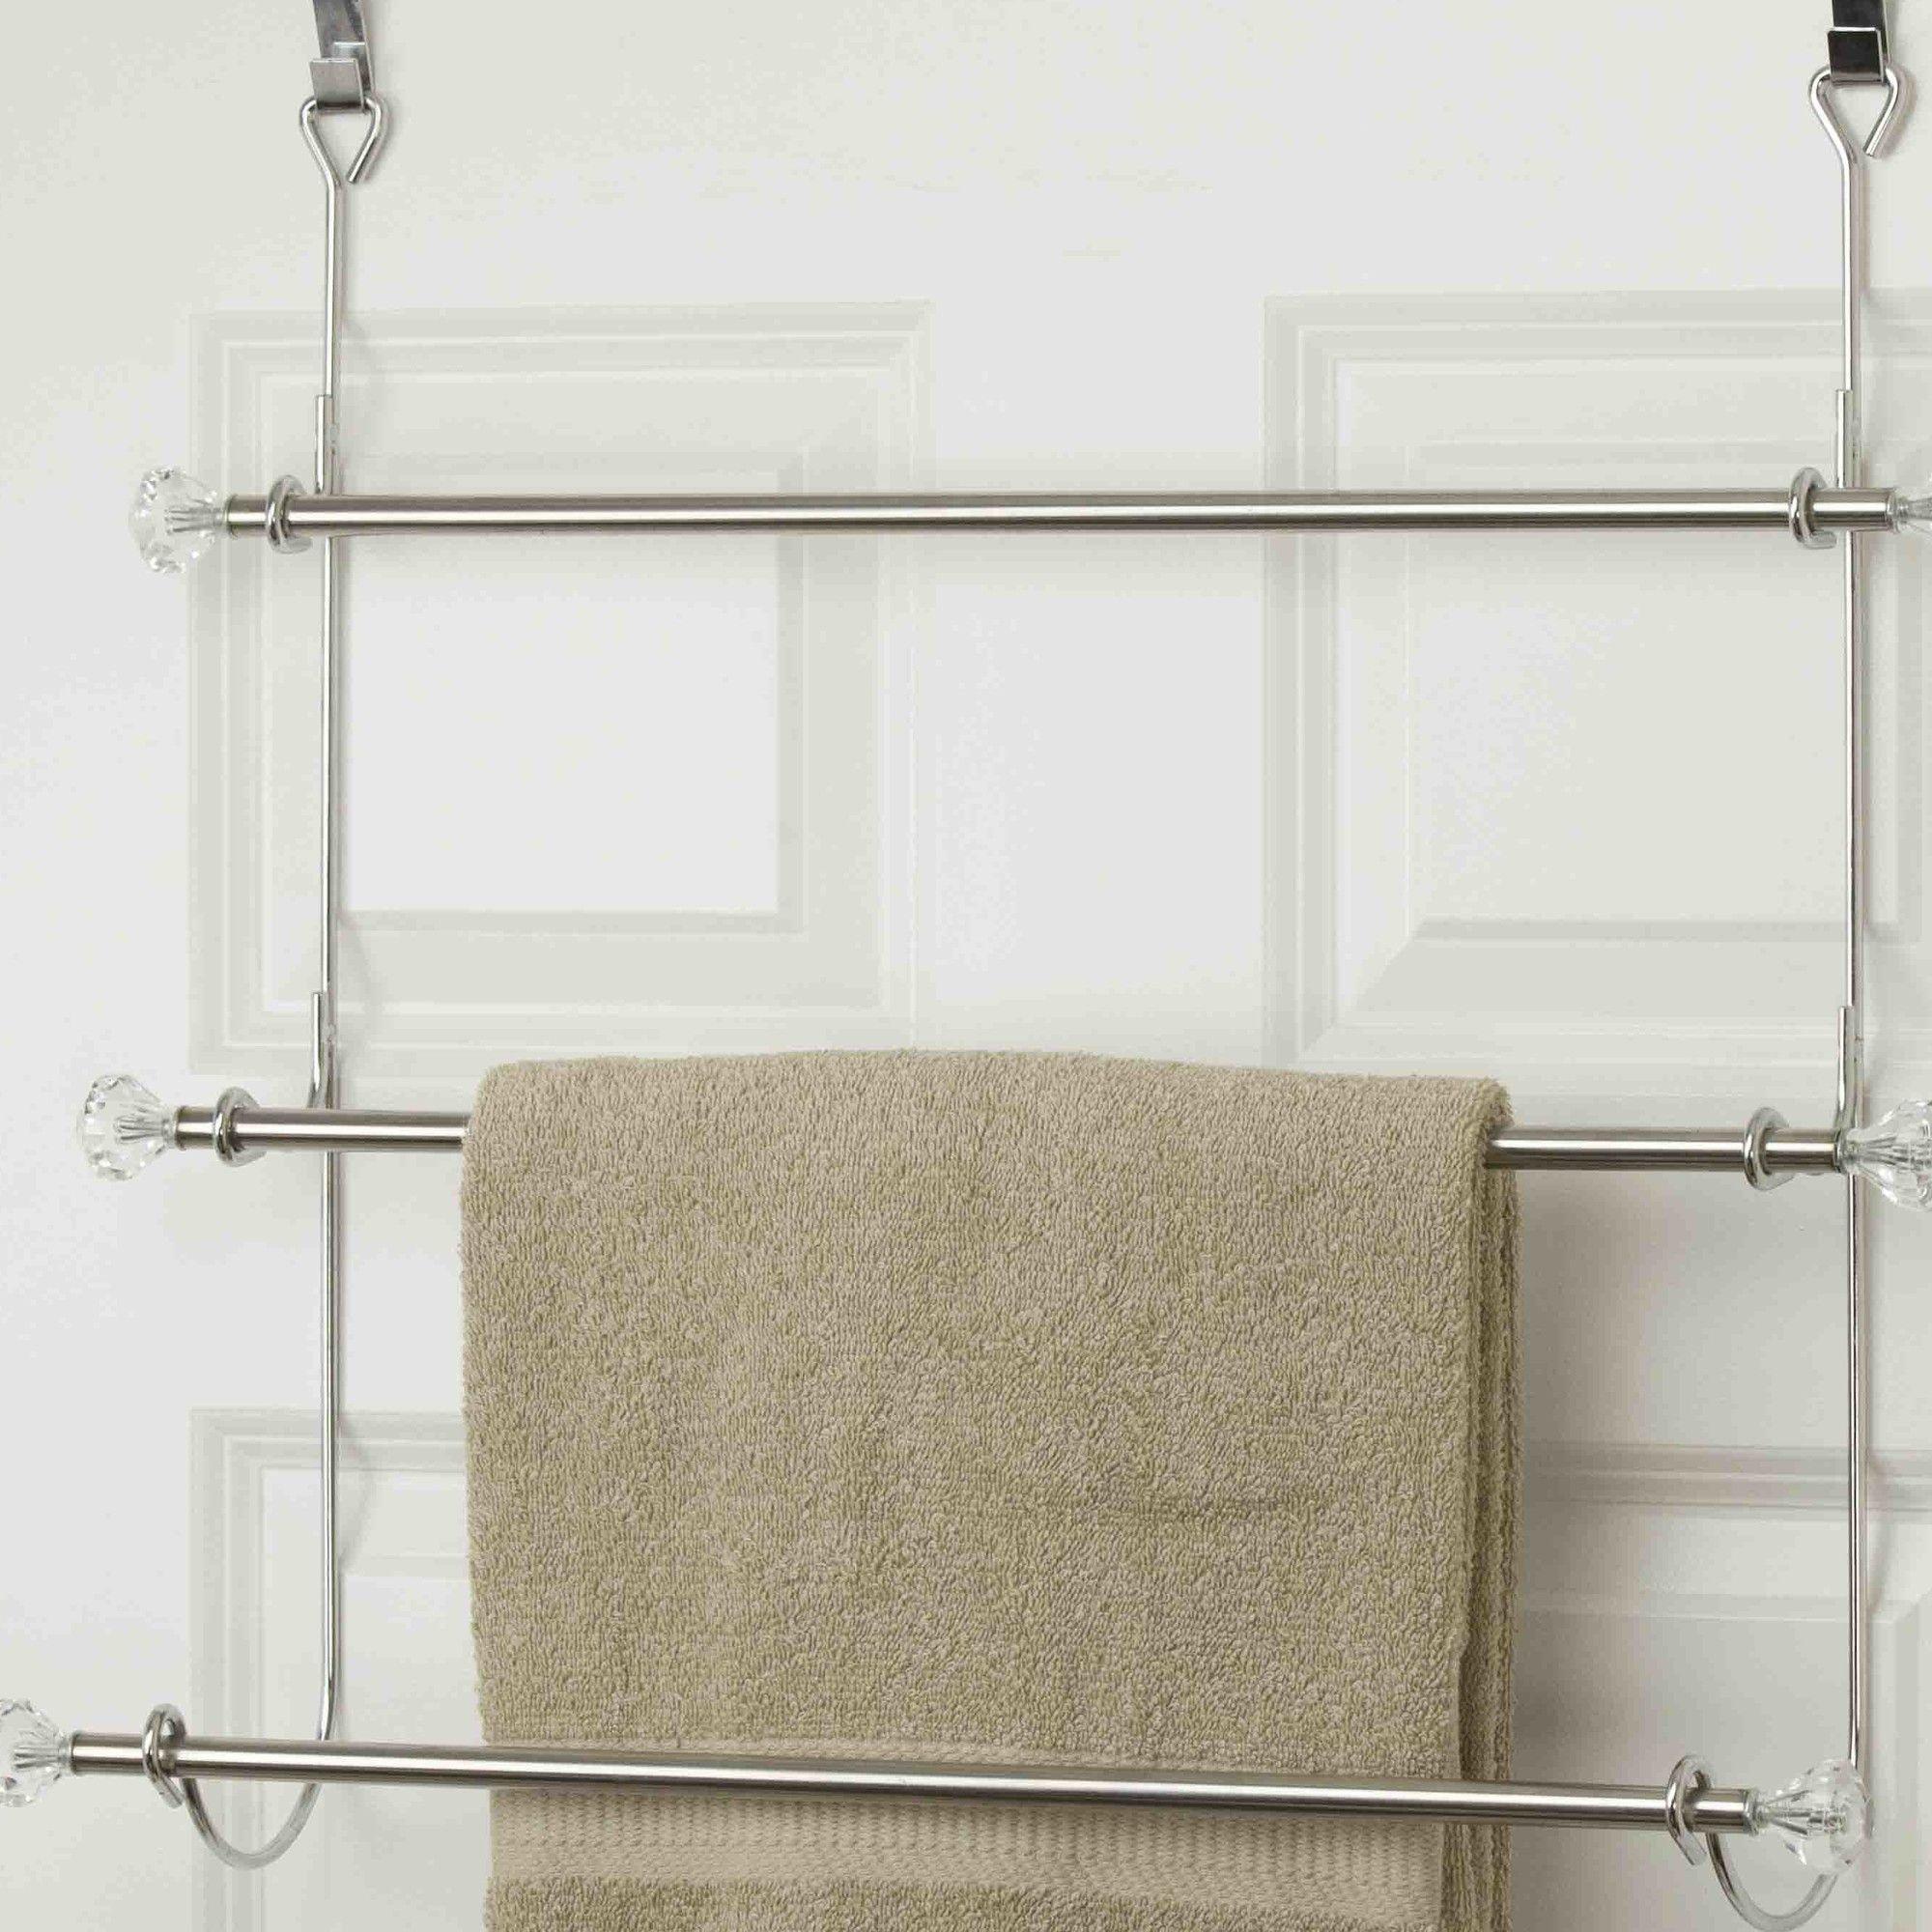 3 Tier Over The Door Towel Rack Towel Rack Towel Rack Bathroom